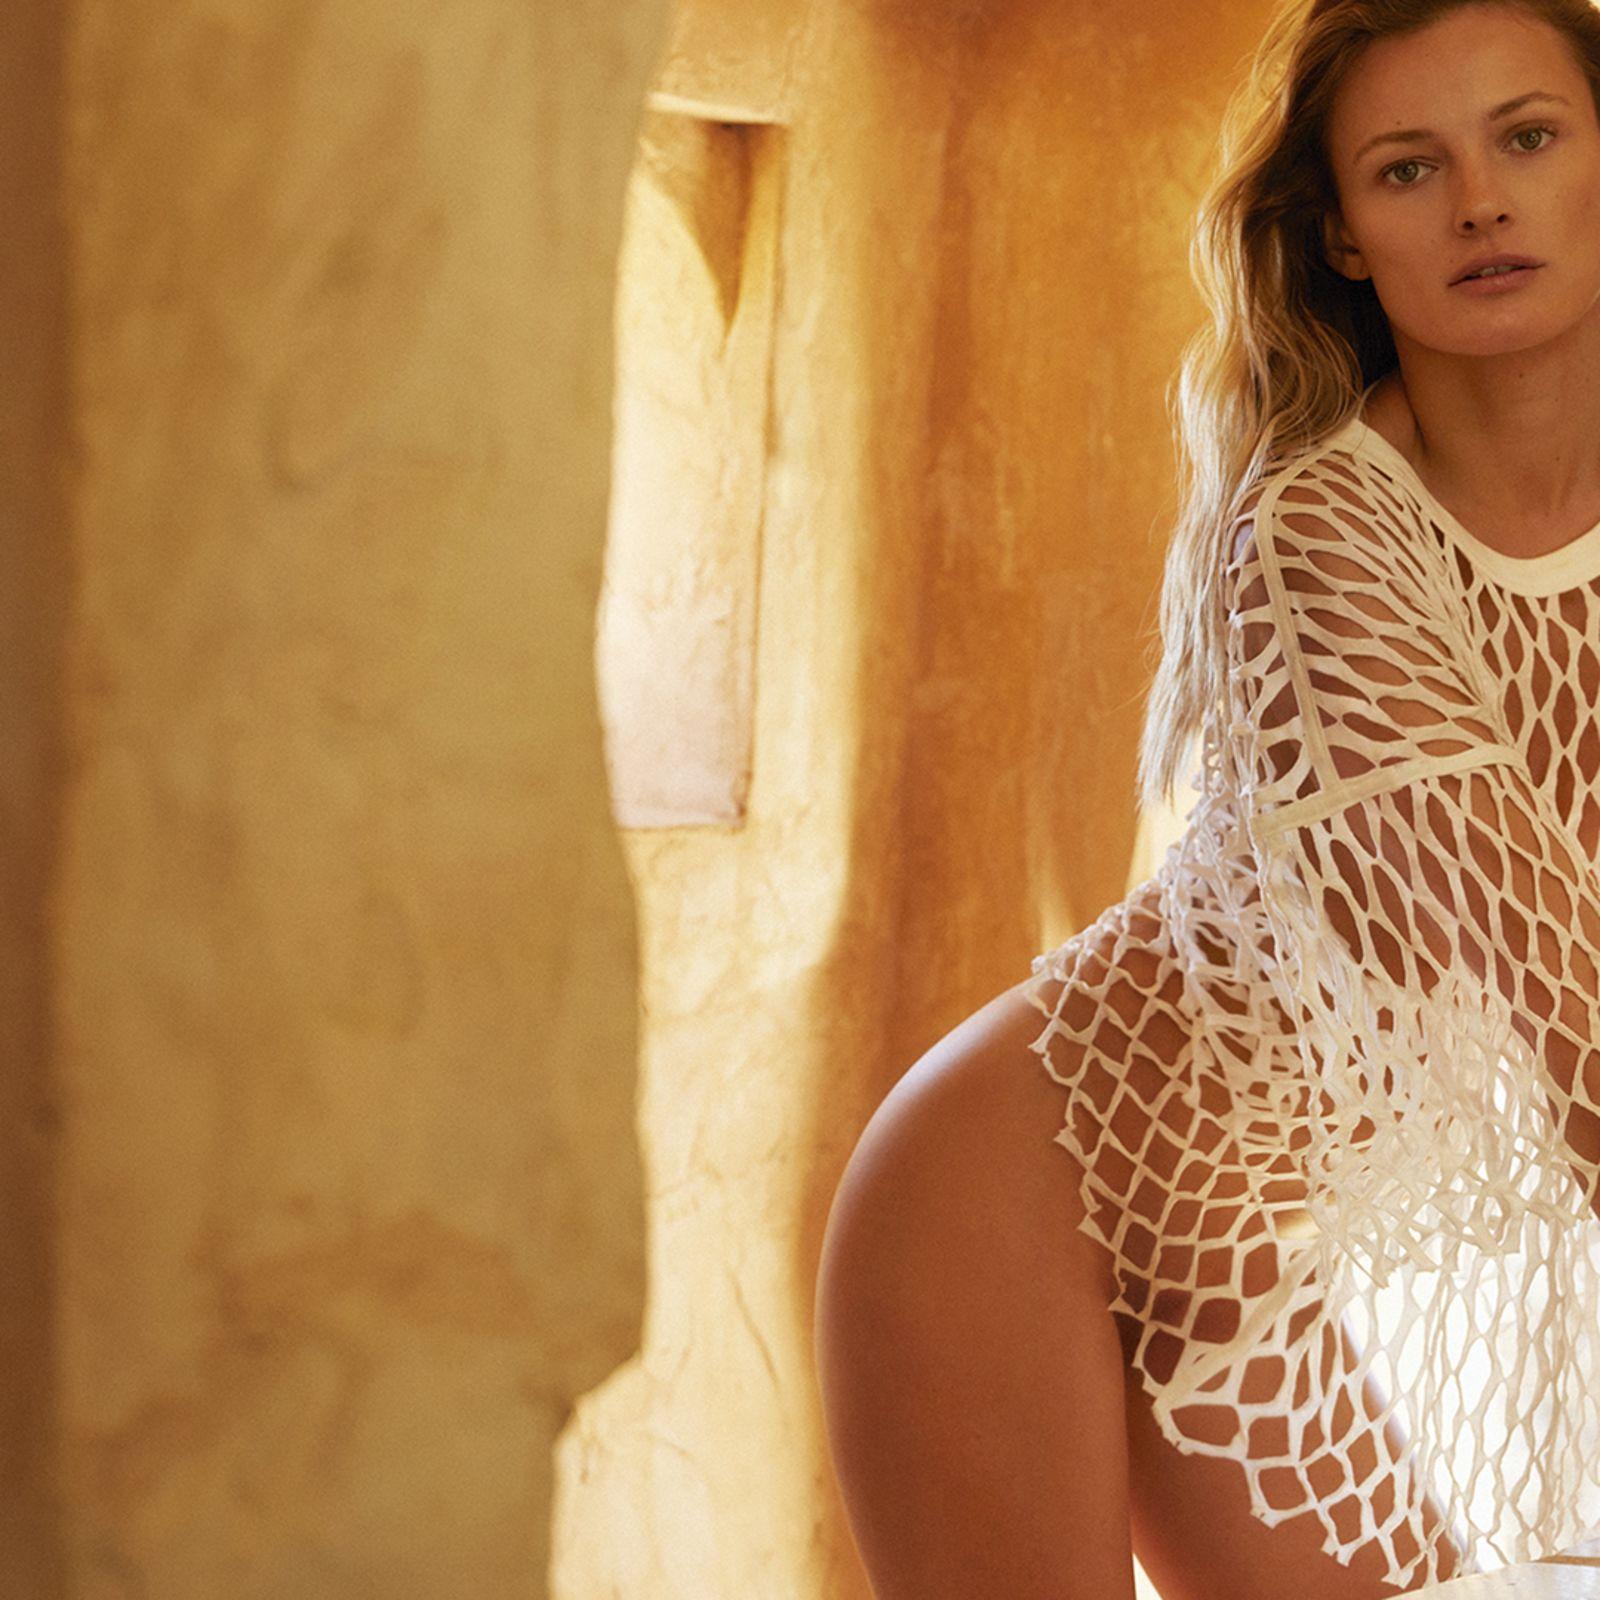 Recibimos el verano de la mano de Edita Vilkeviciute en la portada de julio de Vogue España